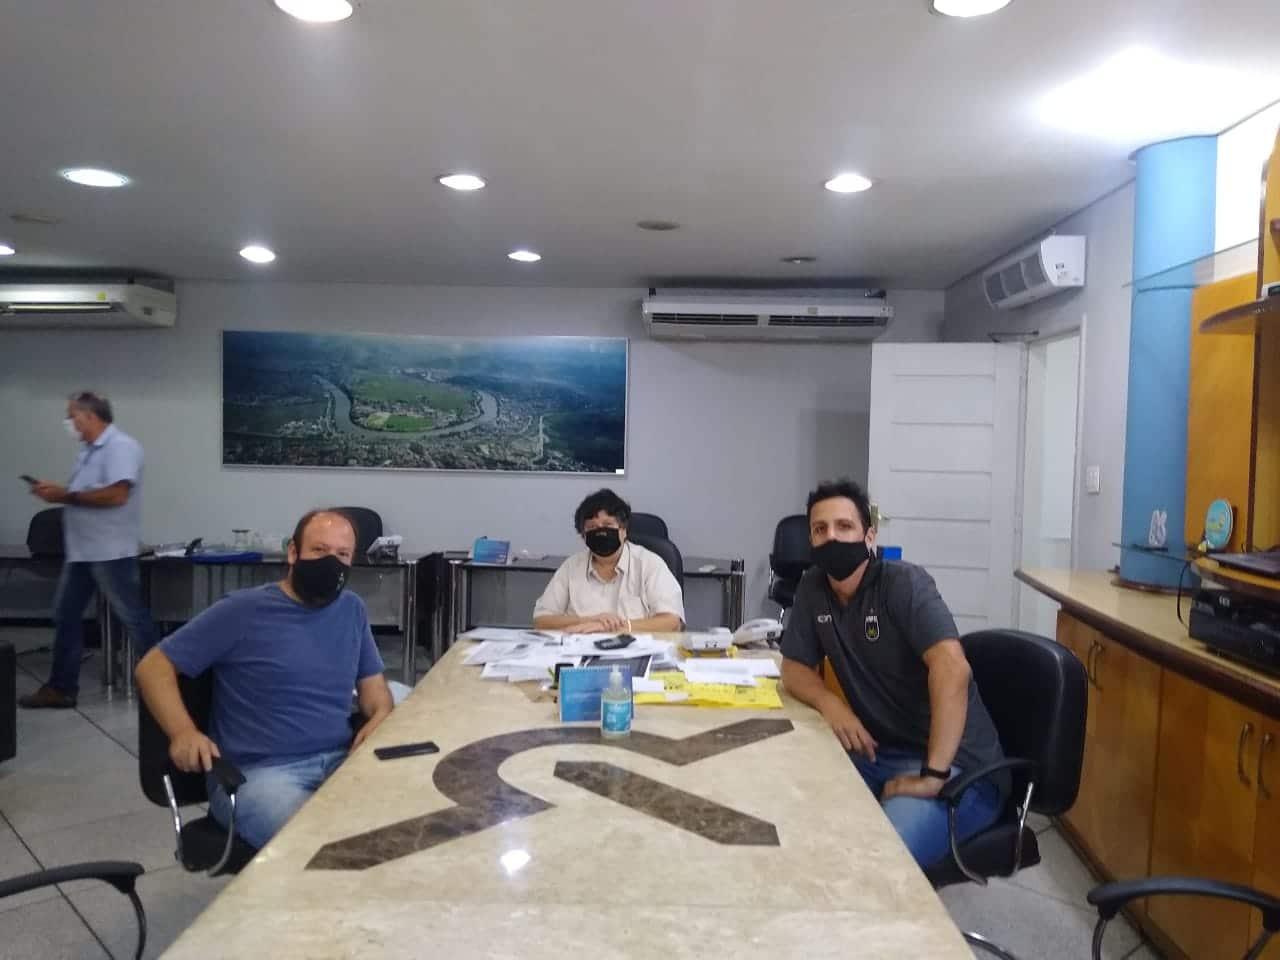 Foto da reunião entre o vice-presidente do clube e o prefeito da cidade de volta redonda. Foto destaque: Divulgação/ Volta Redonda